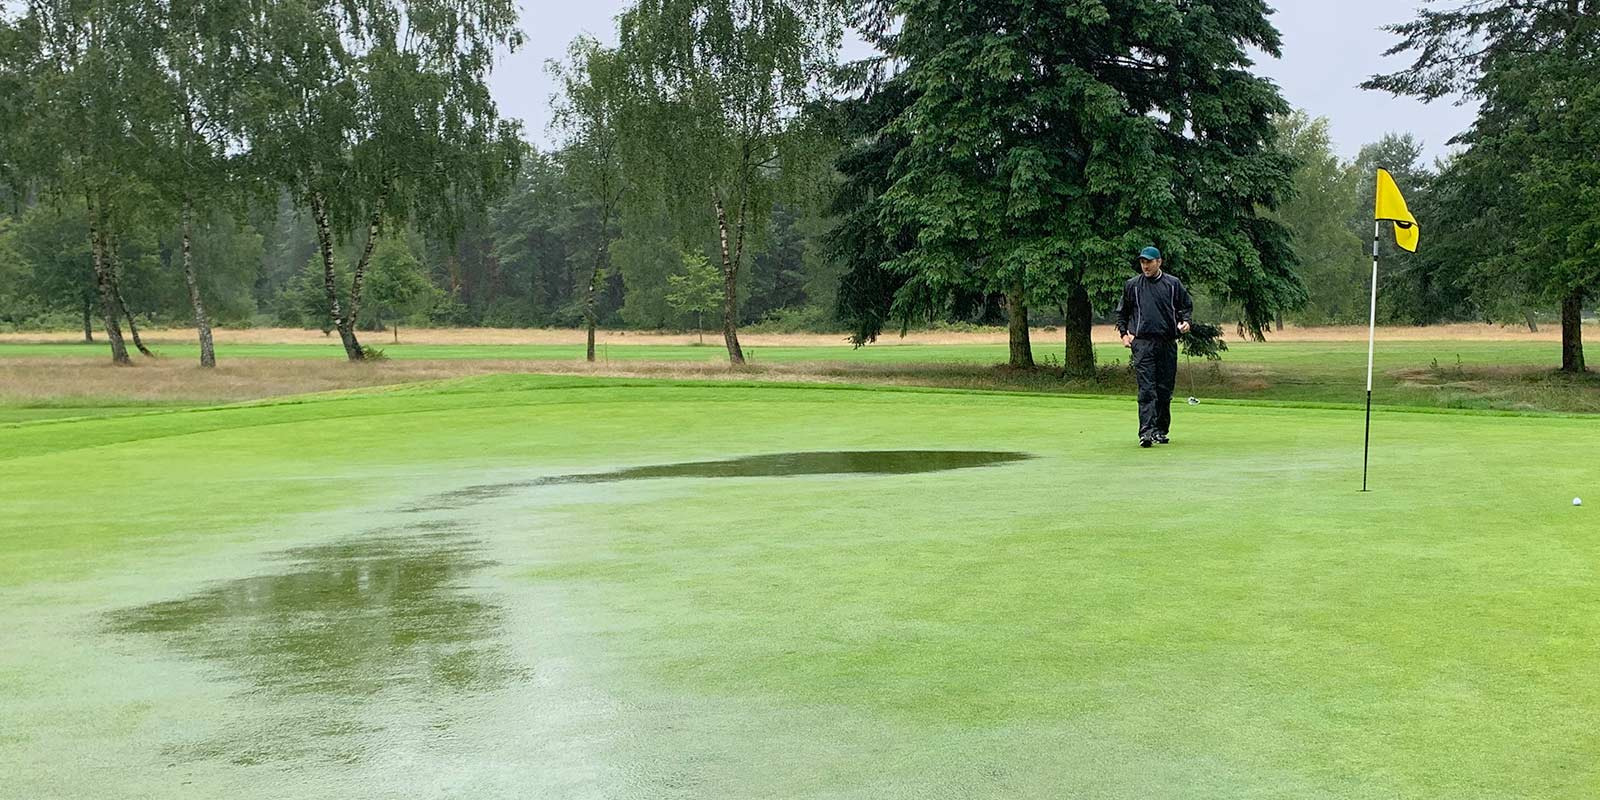 Teaser Grambek Open 2020 Tag 1 - wieder viel Wasser auf dem Platz